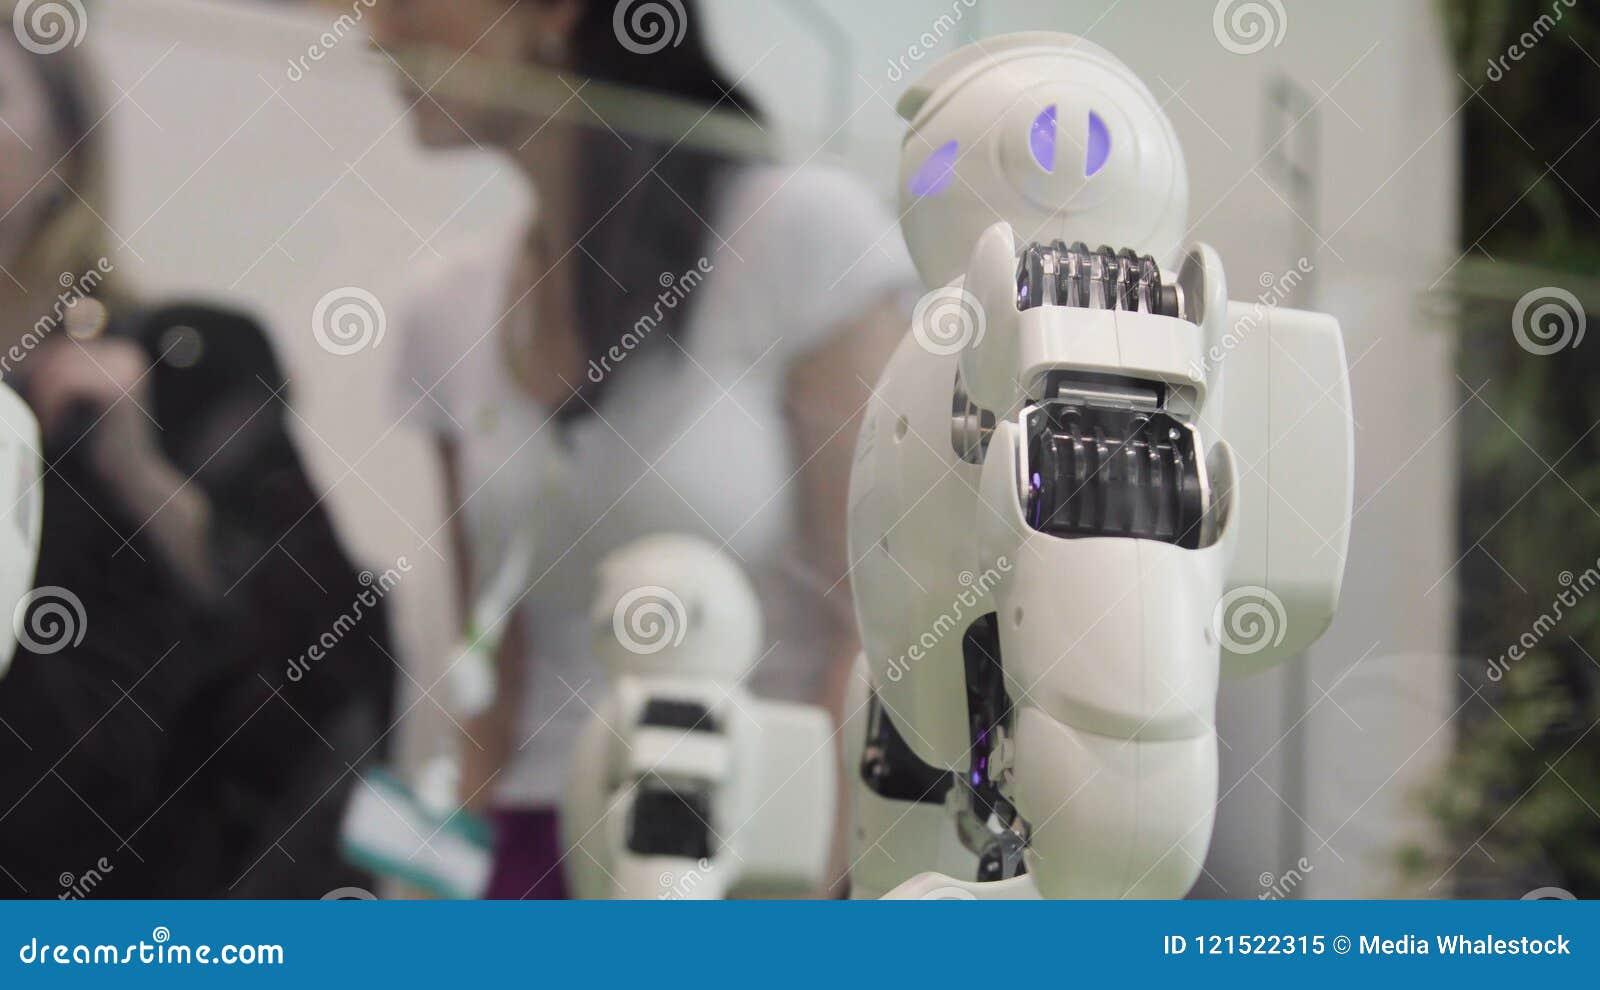 Tekniskt avancerat framtids- och vetenskapsbegrepp Smart dansa för Humanoidrobotar Dansrobotar Framtida teknologibegrepp